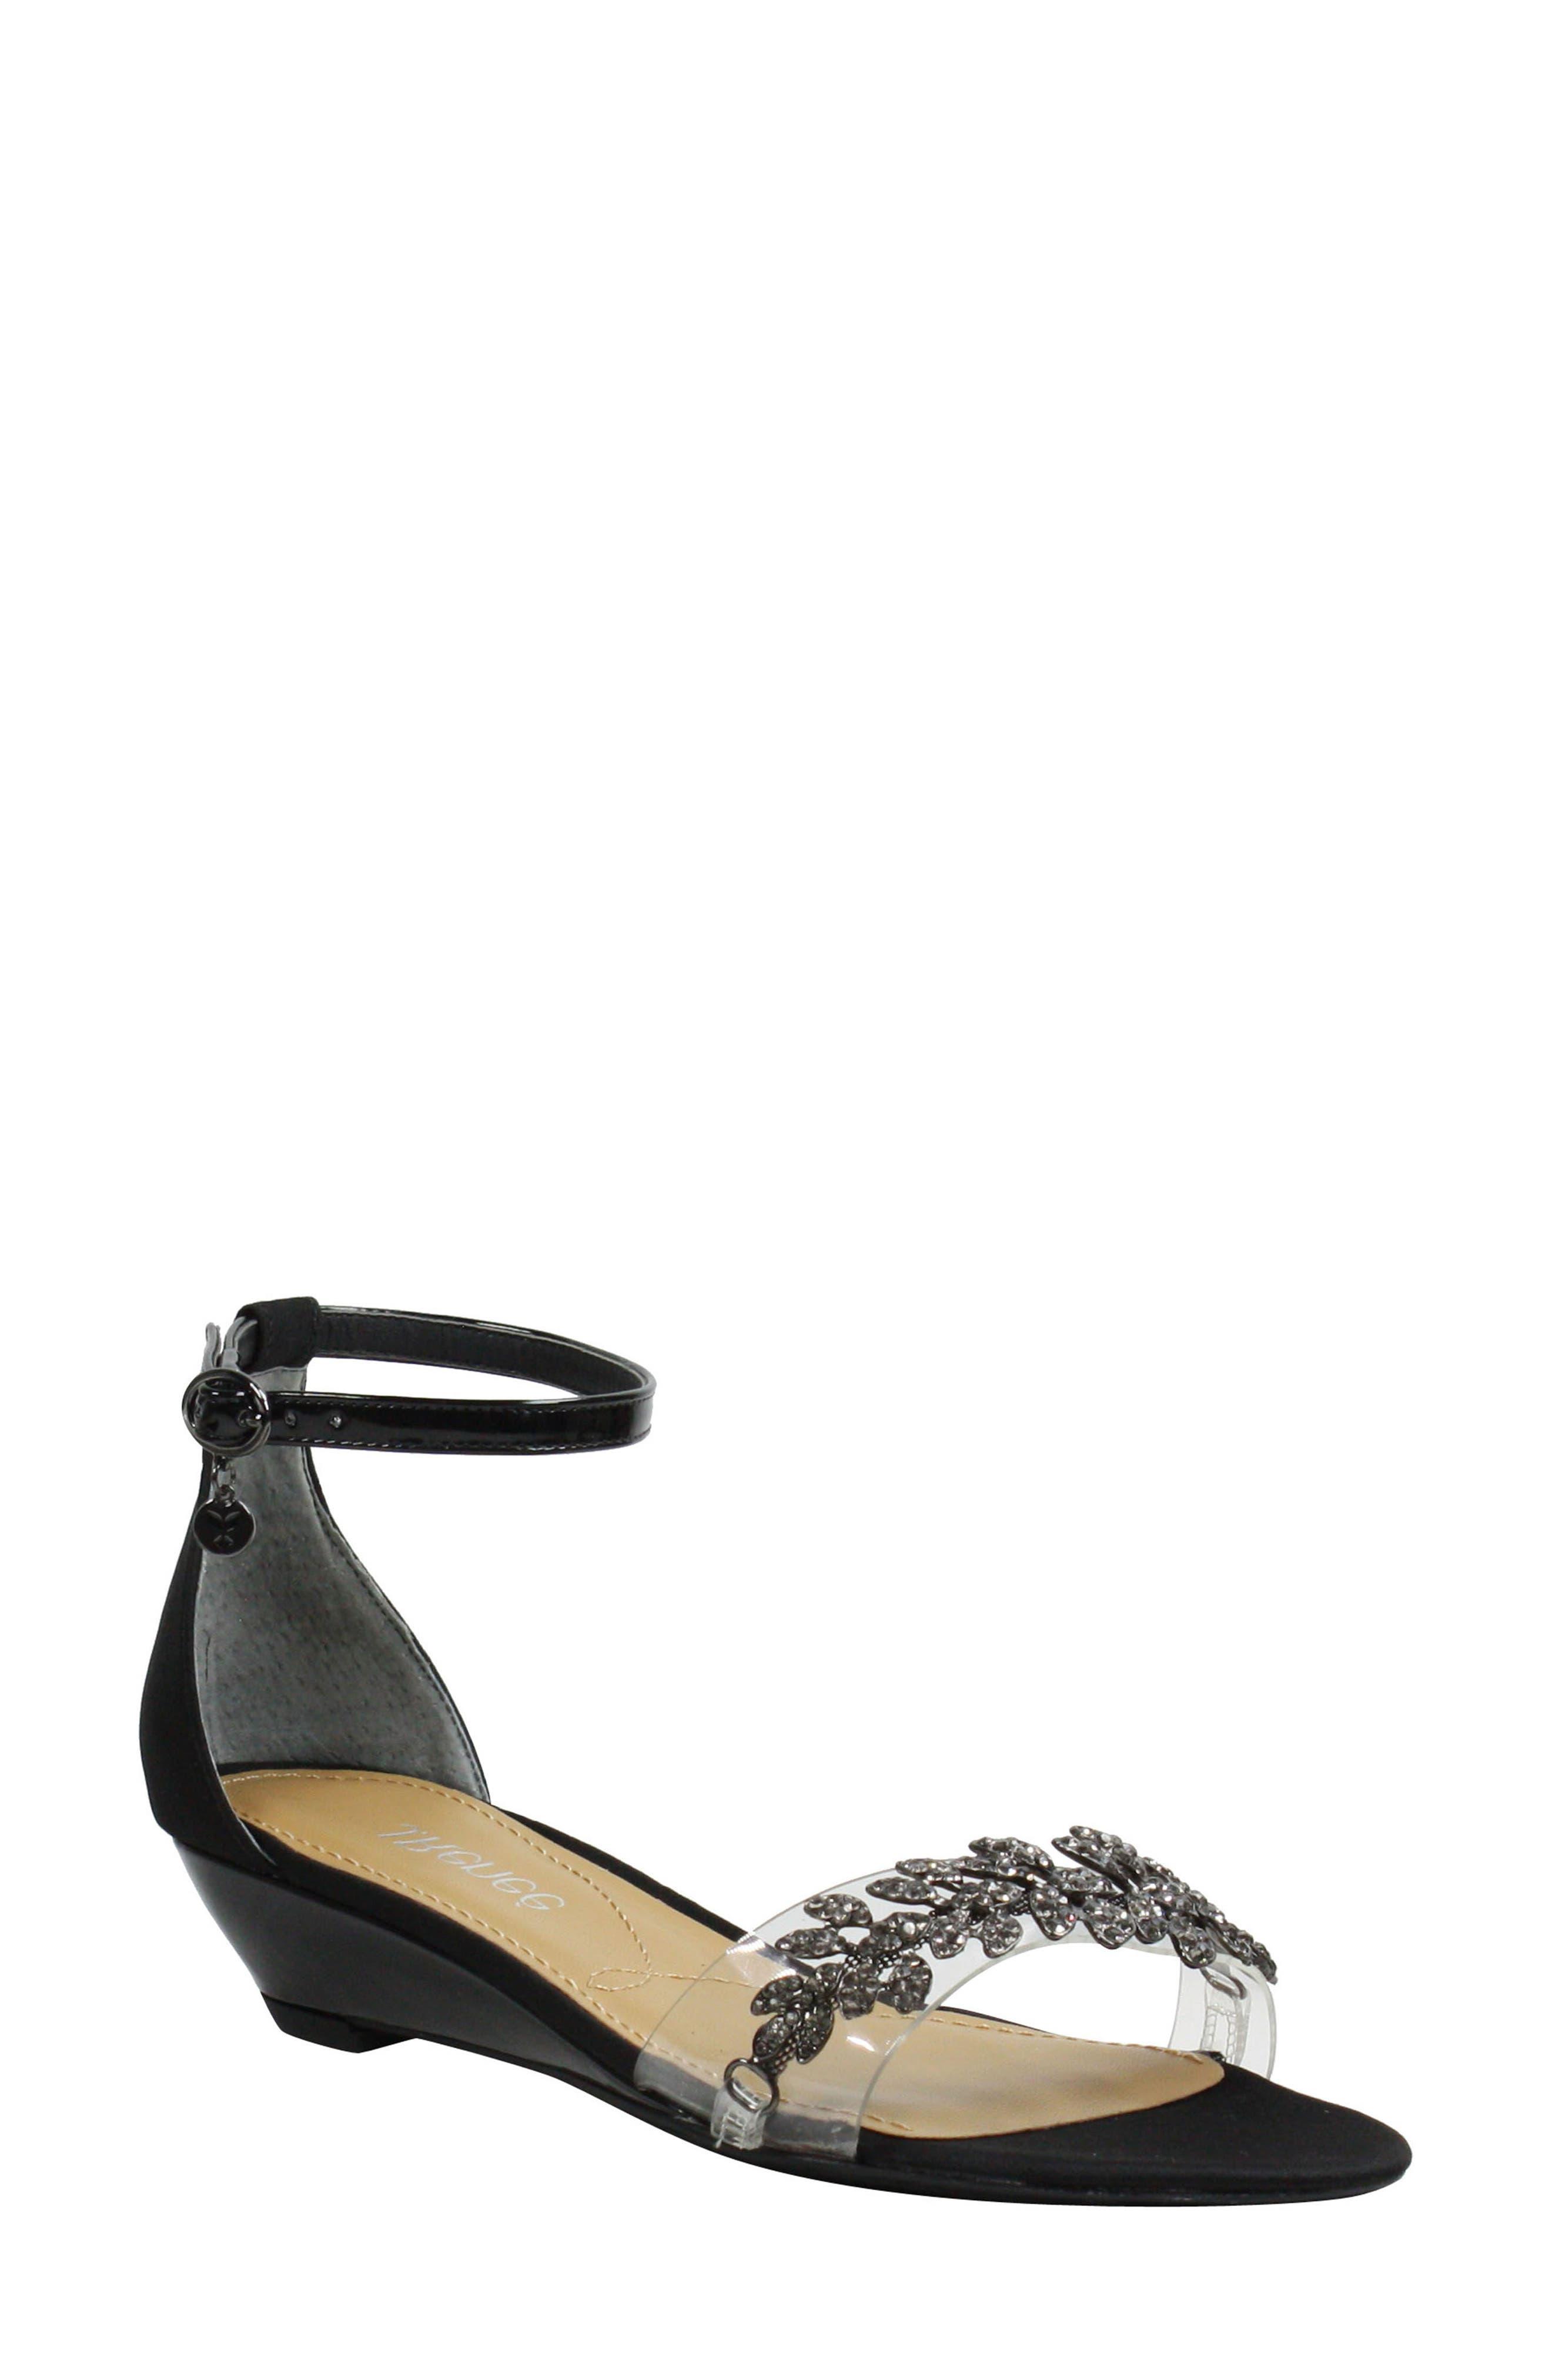 Evania Ankle Strap Sandal,                             Main thumbnail 1, color,                             BLACK SATIN